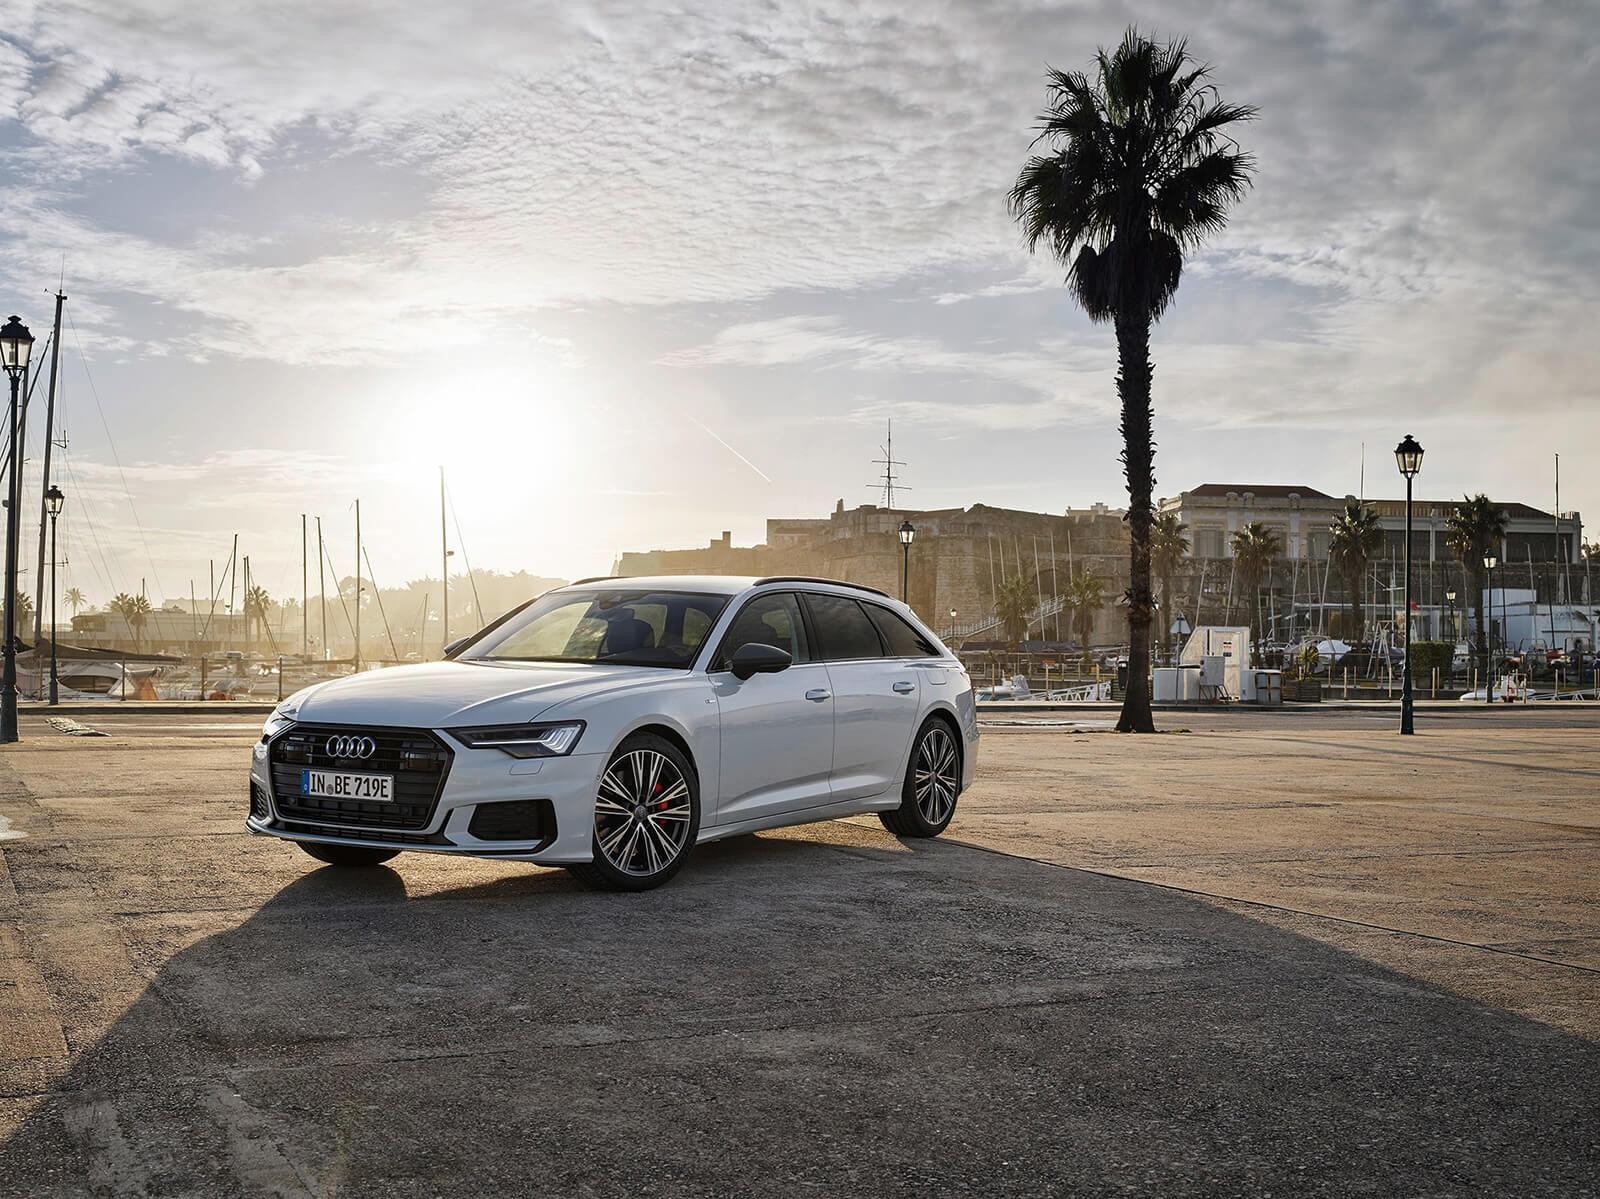 Νέο Audi A6 Avant TFSI e quattro - Εμπρός όψη